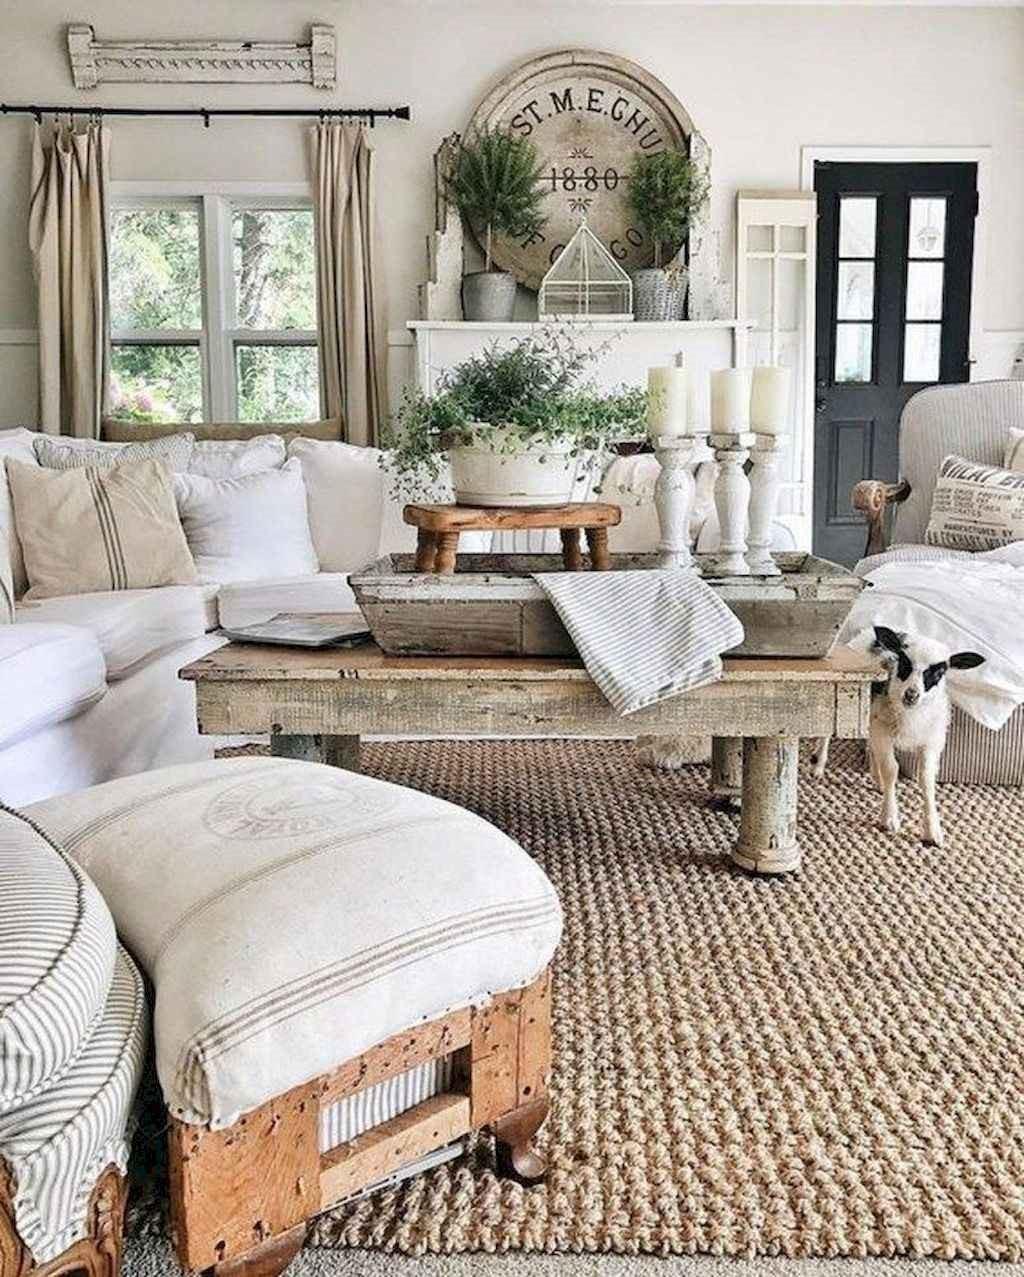 farmhouse style living room decor ideas 6